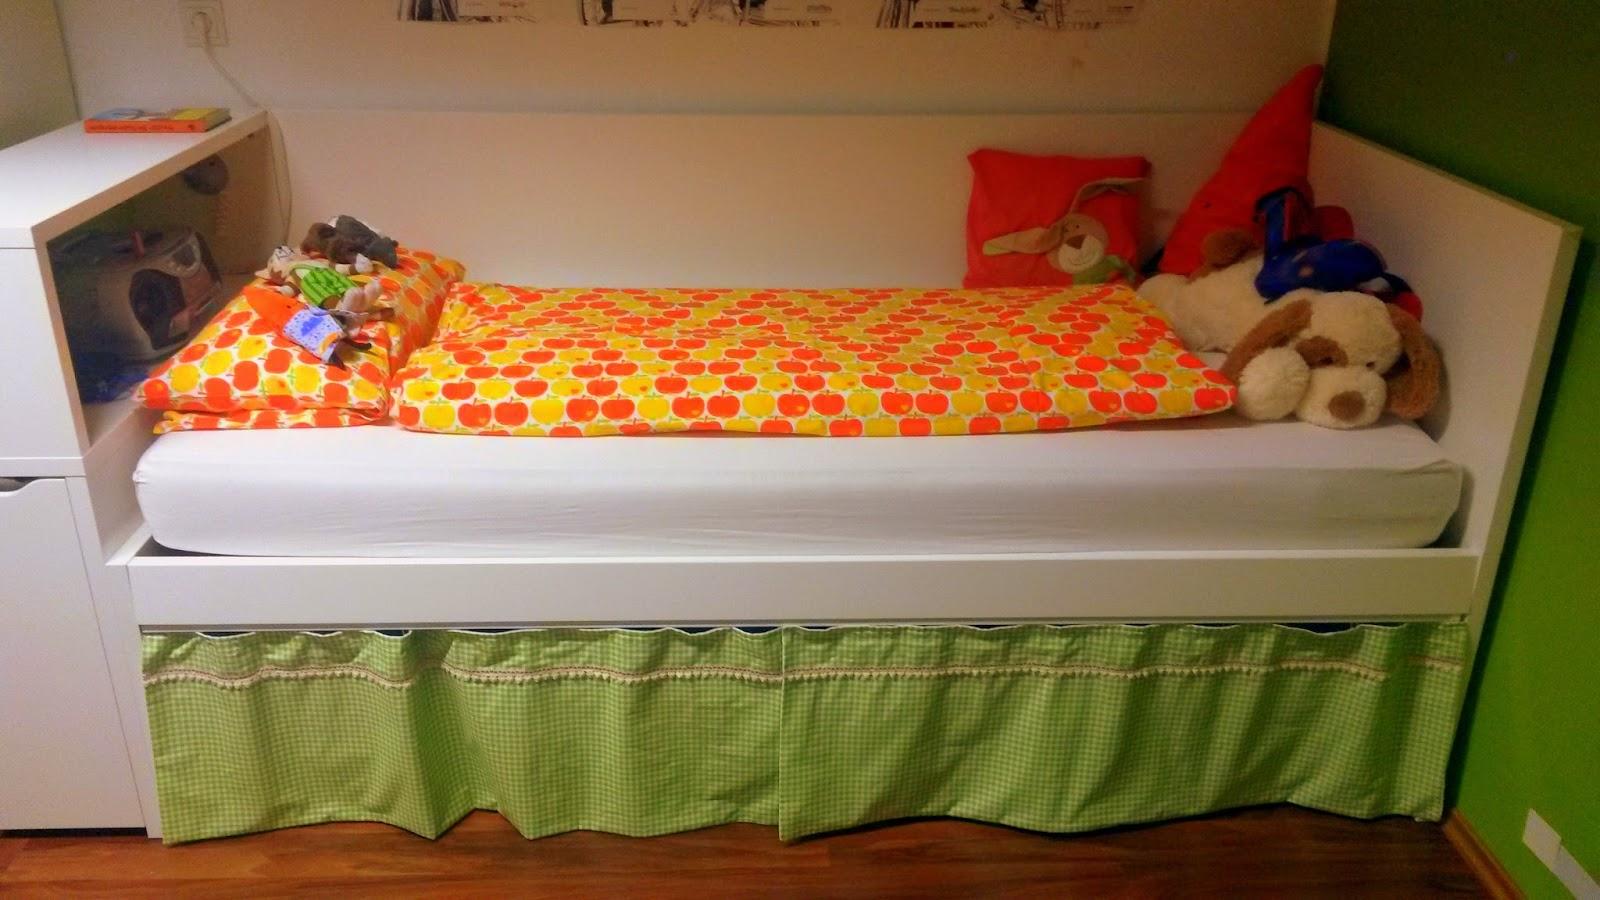 m hlenst ffchen mehr ordnung im kinderzimmer die zweite. Black Bedroom Furniture Sets. Home Design Ideas